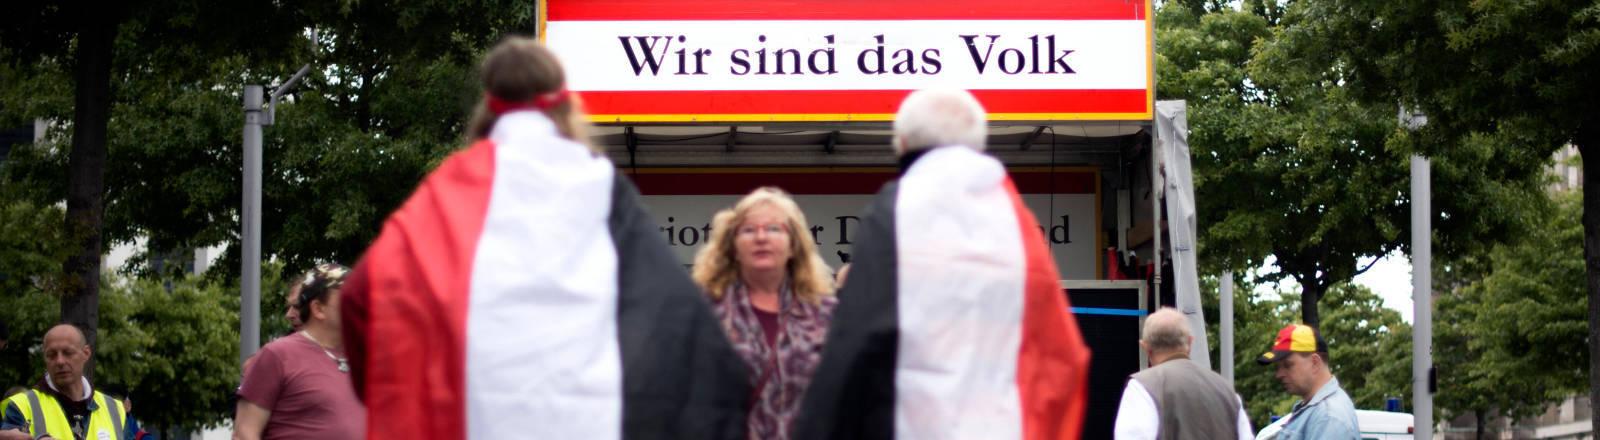 """Plakat mit der Aufschrift """"Wir sind das Volk"""""""